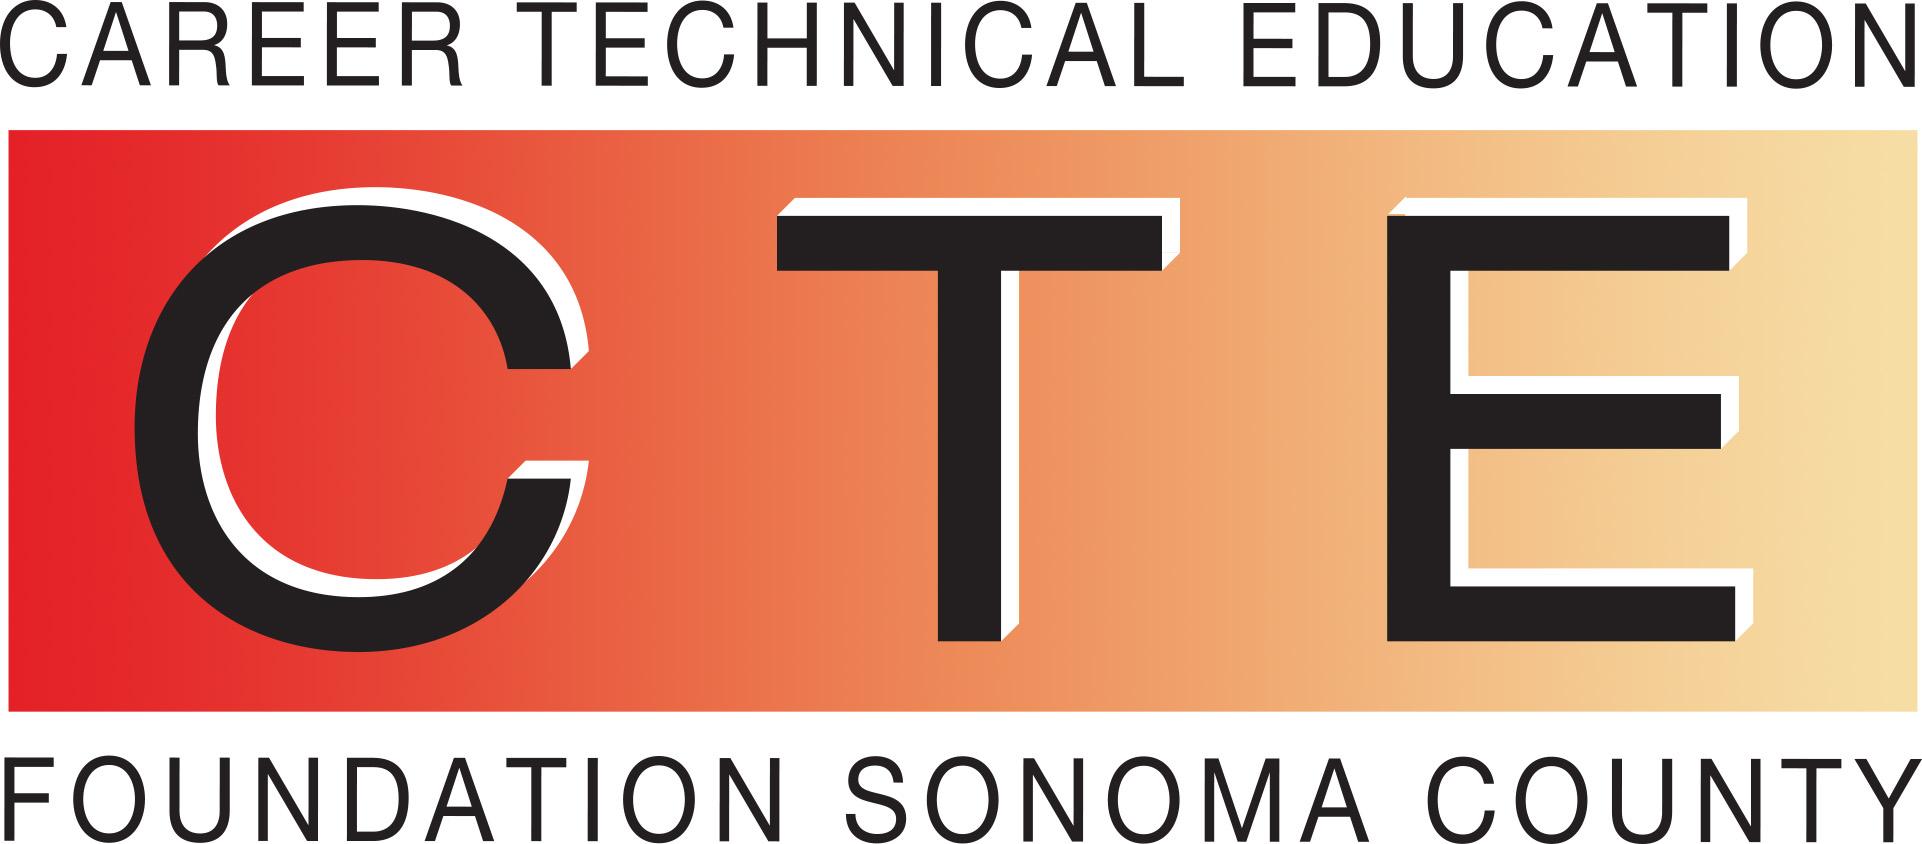 CTE-Logo_2-23-15.jpg